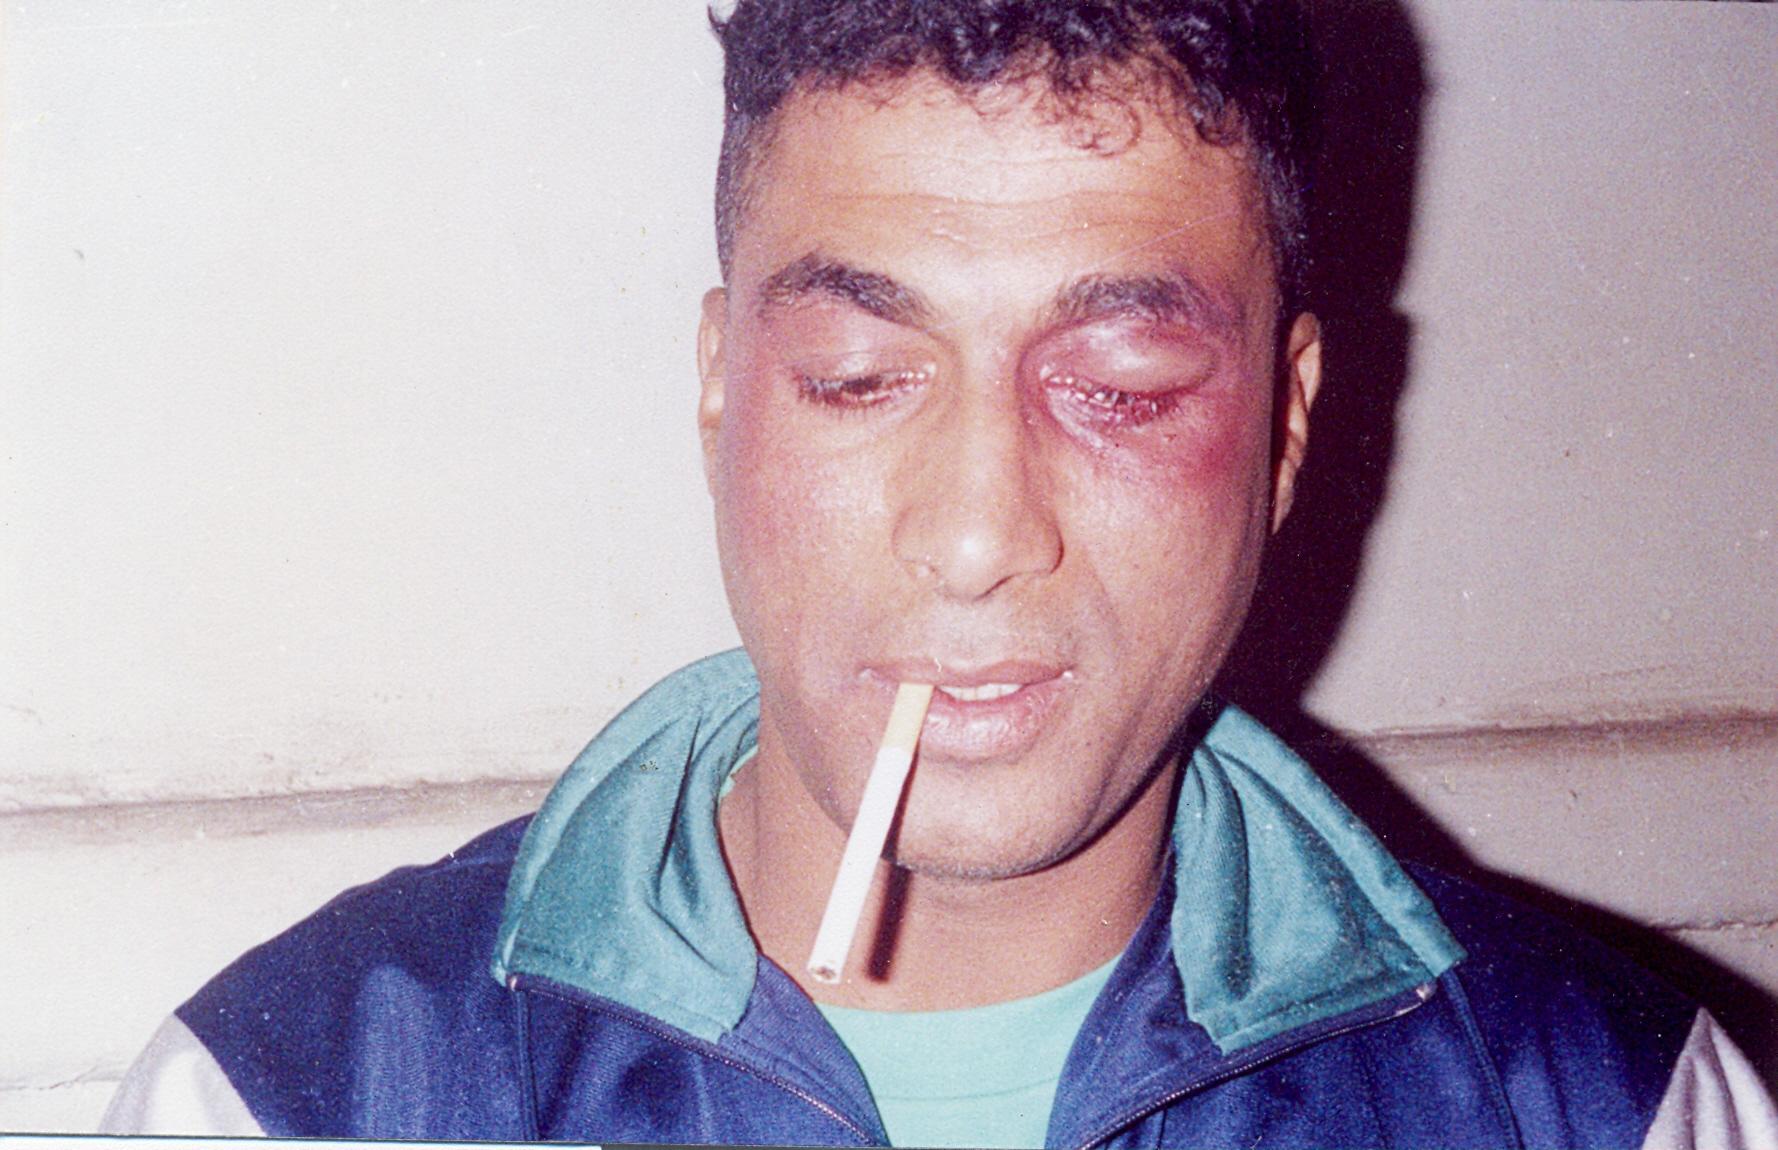 أحمد زكي في فيلم كابوريا